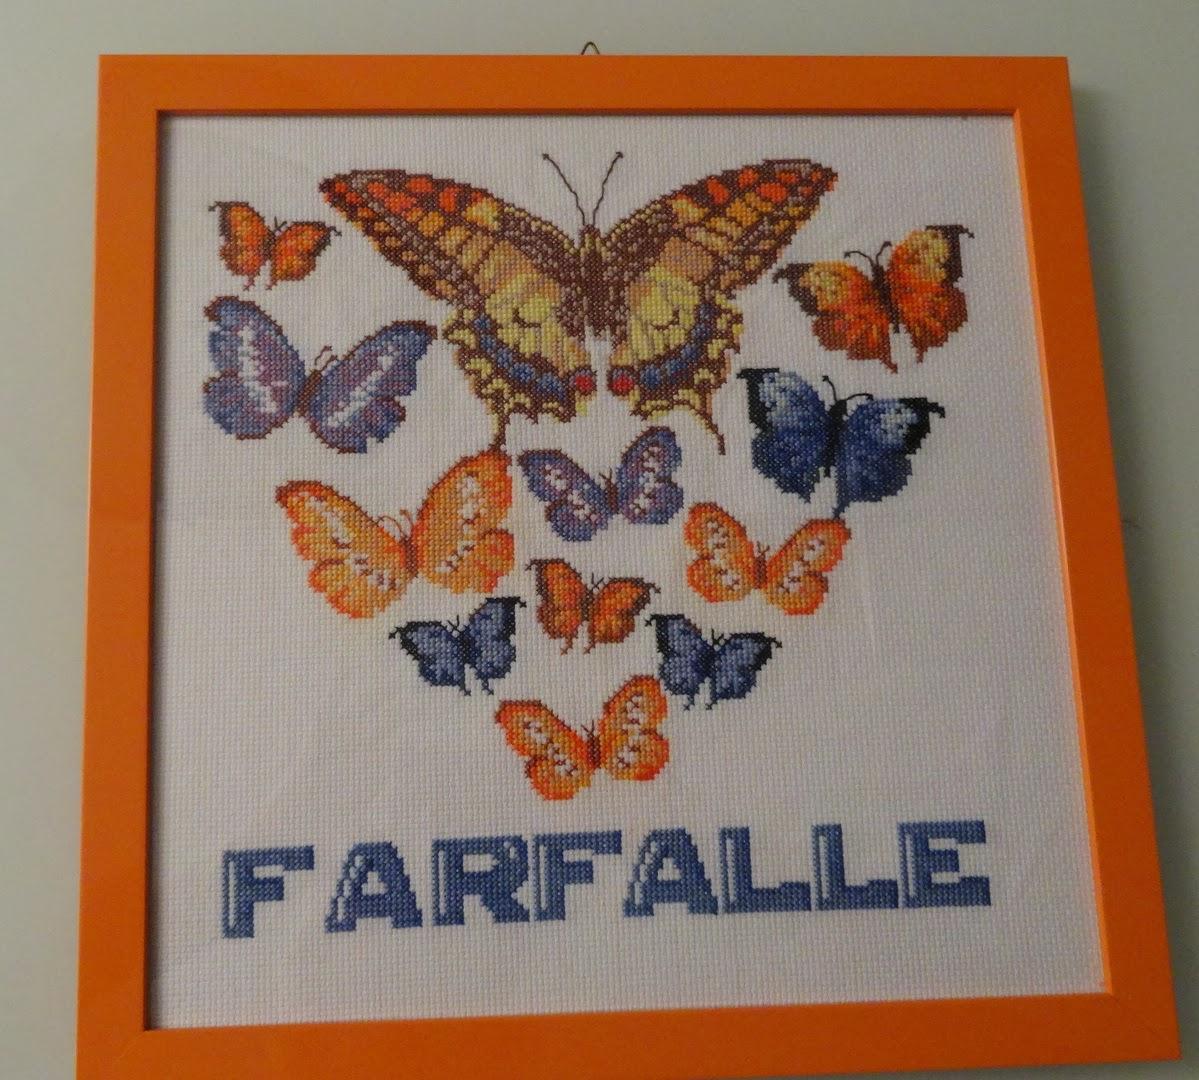 Punto croce per i bambini la mia passione le farfalle a for Farfalle a punto croce per bambini